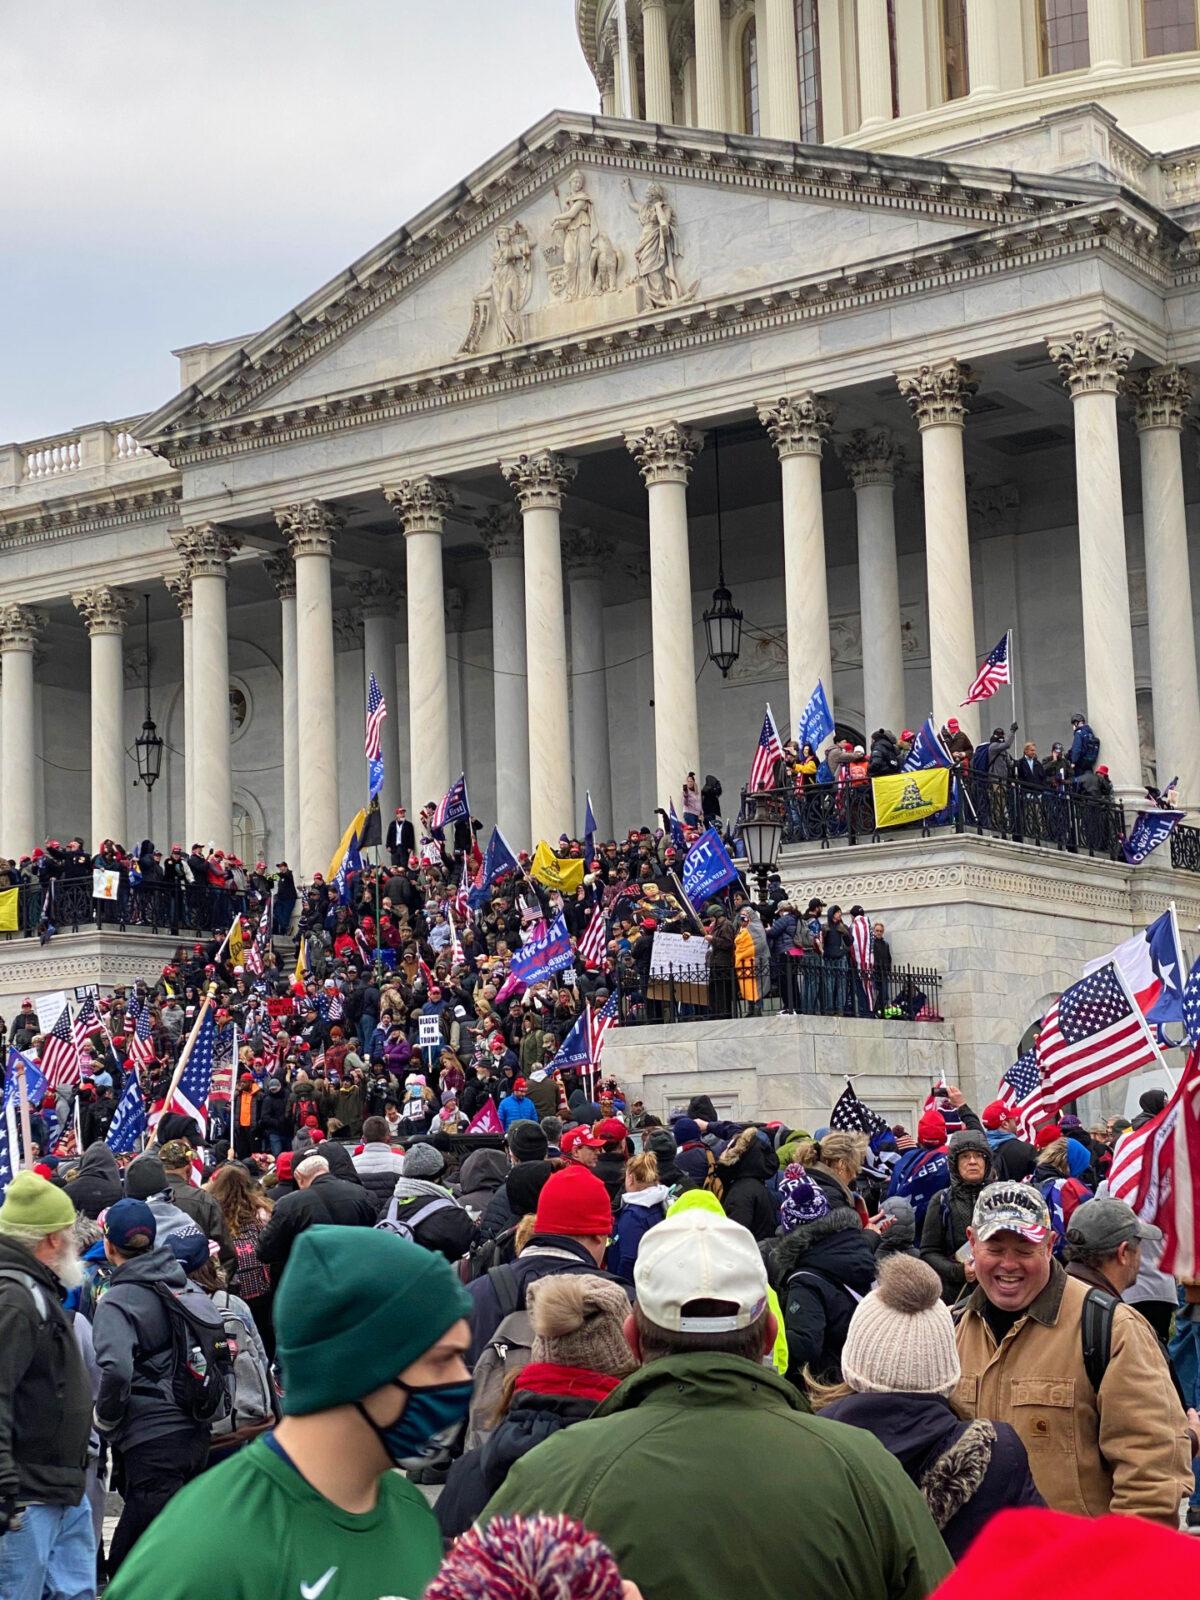 Manifestantes se reúnem nas escadarias do Capitólio dos Estados Unidos em Washington em 6 de janeiro de 2021 (Cortesia de Mark Simon)